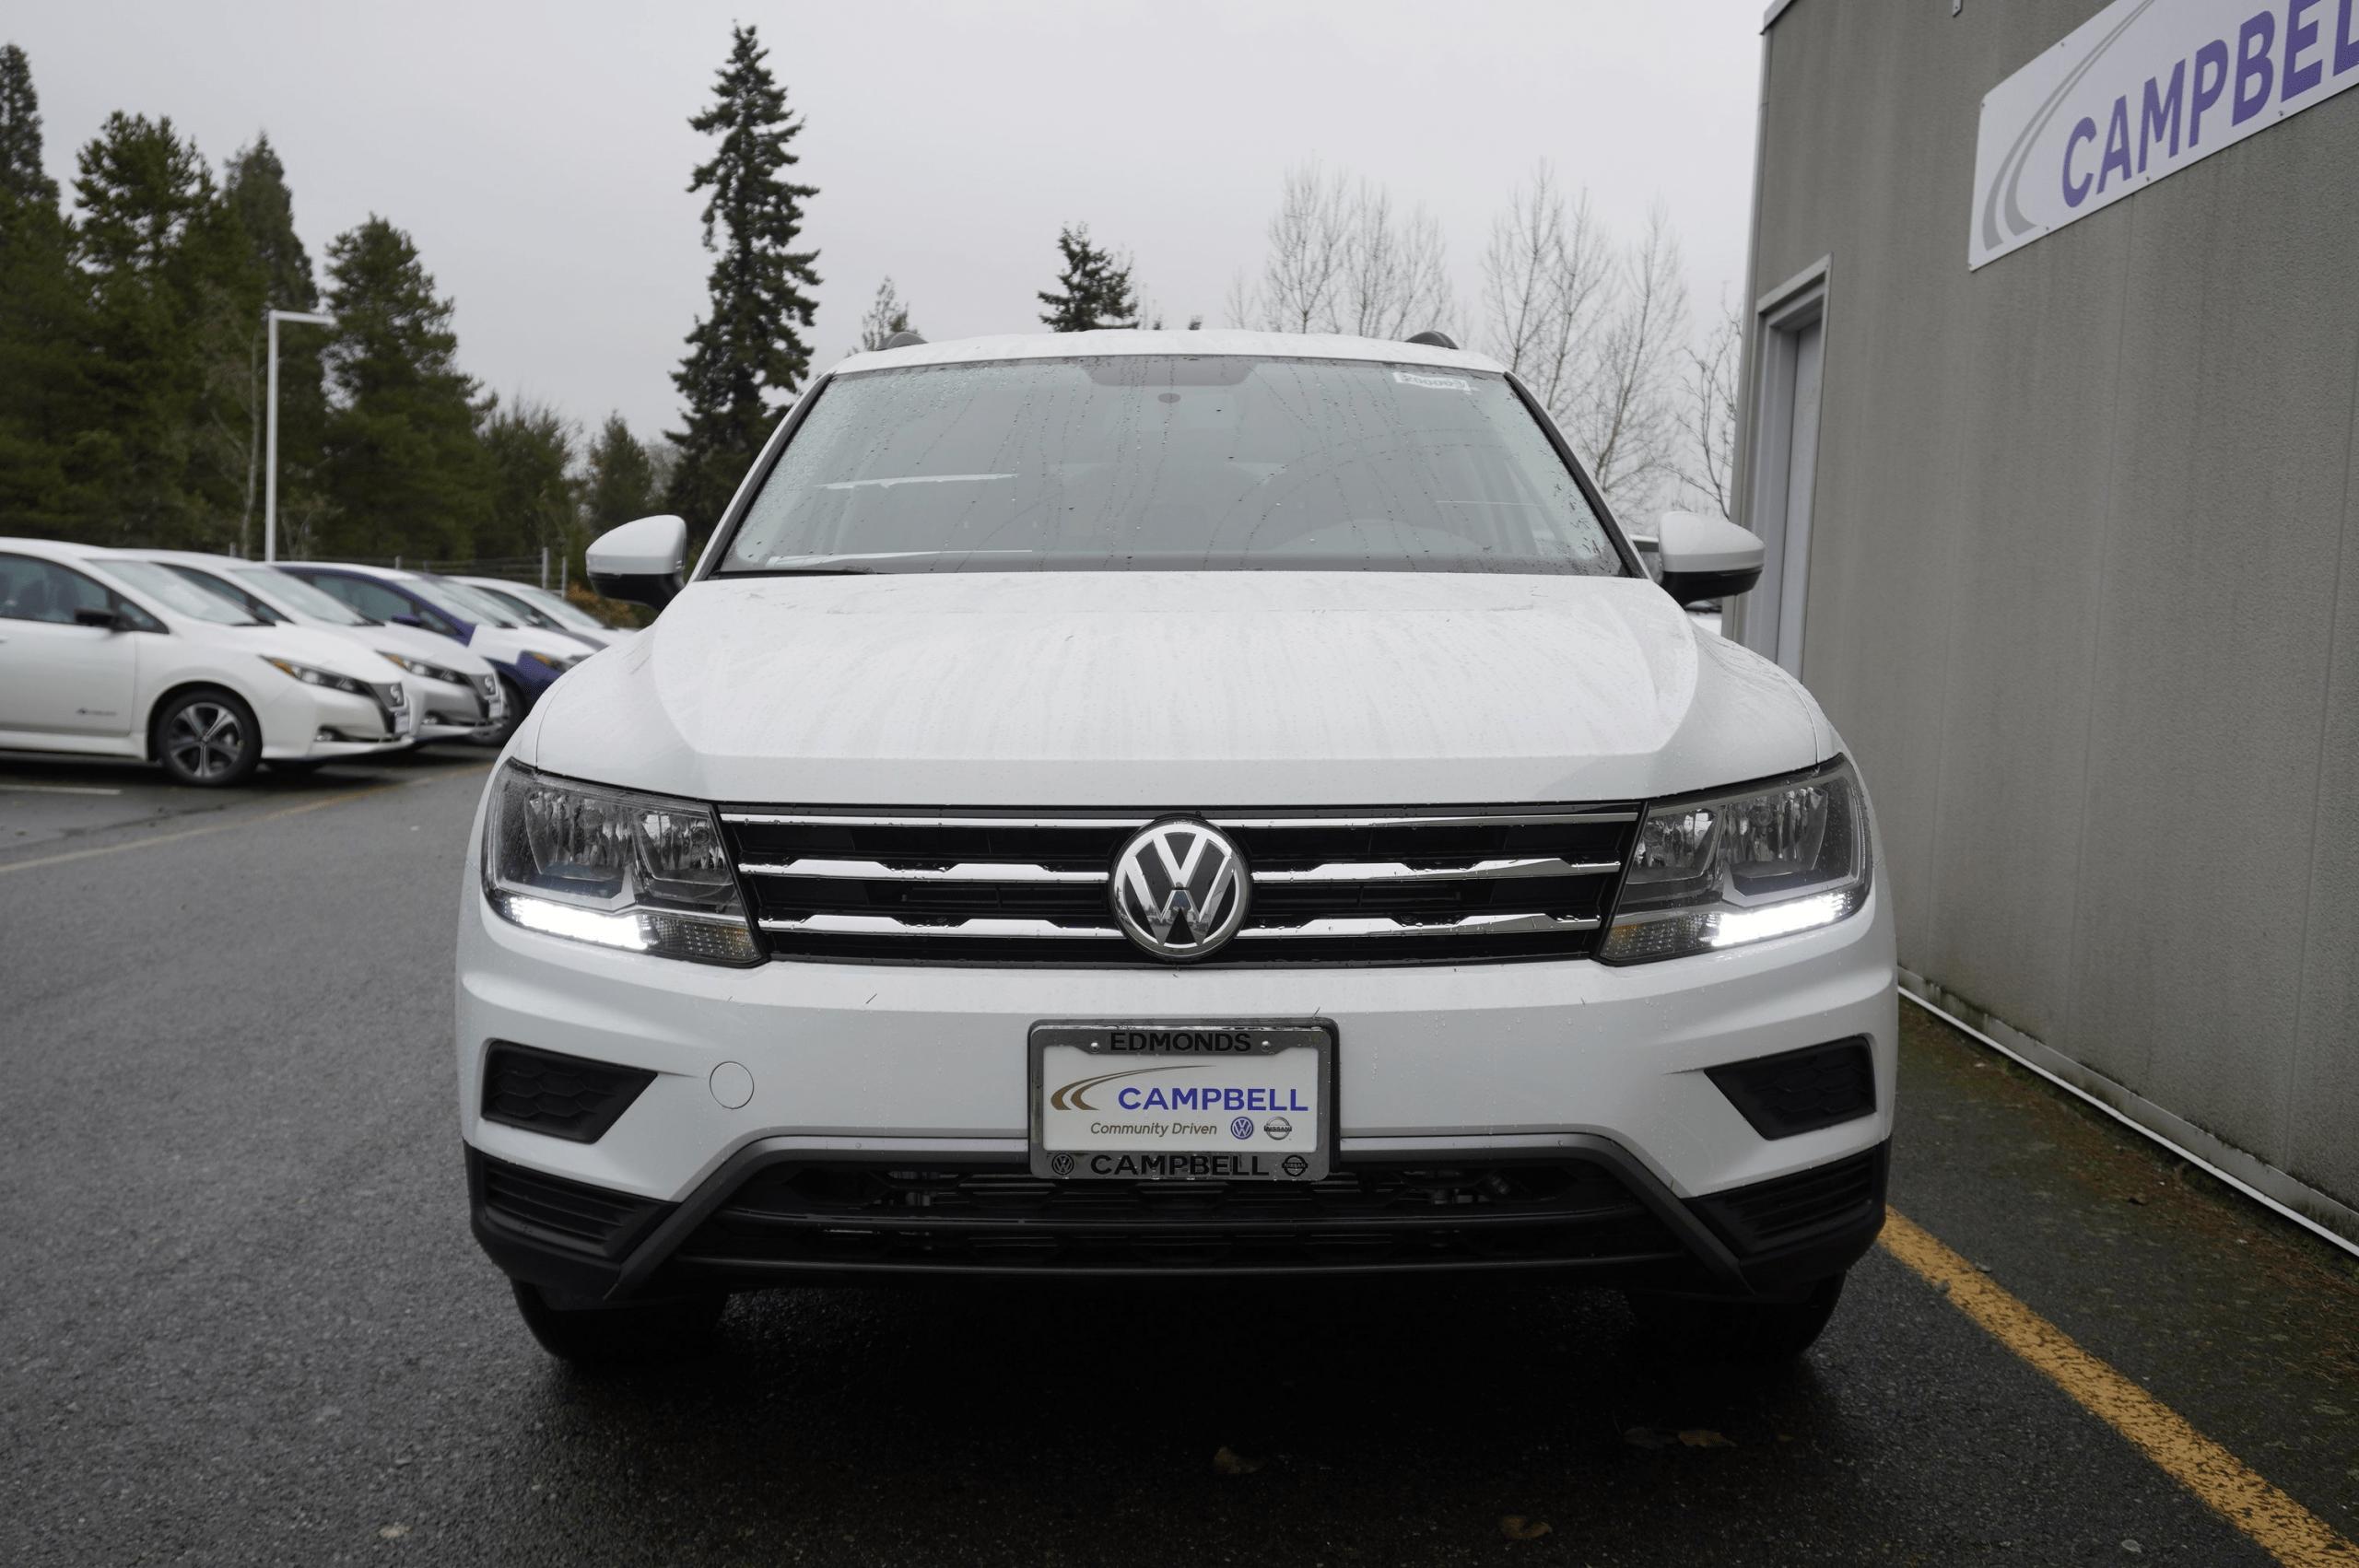 2020 Volkswagen Cross Review And Release Date In 2020 Volkswagen Range Rover Hse Volkswagen Up